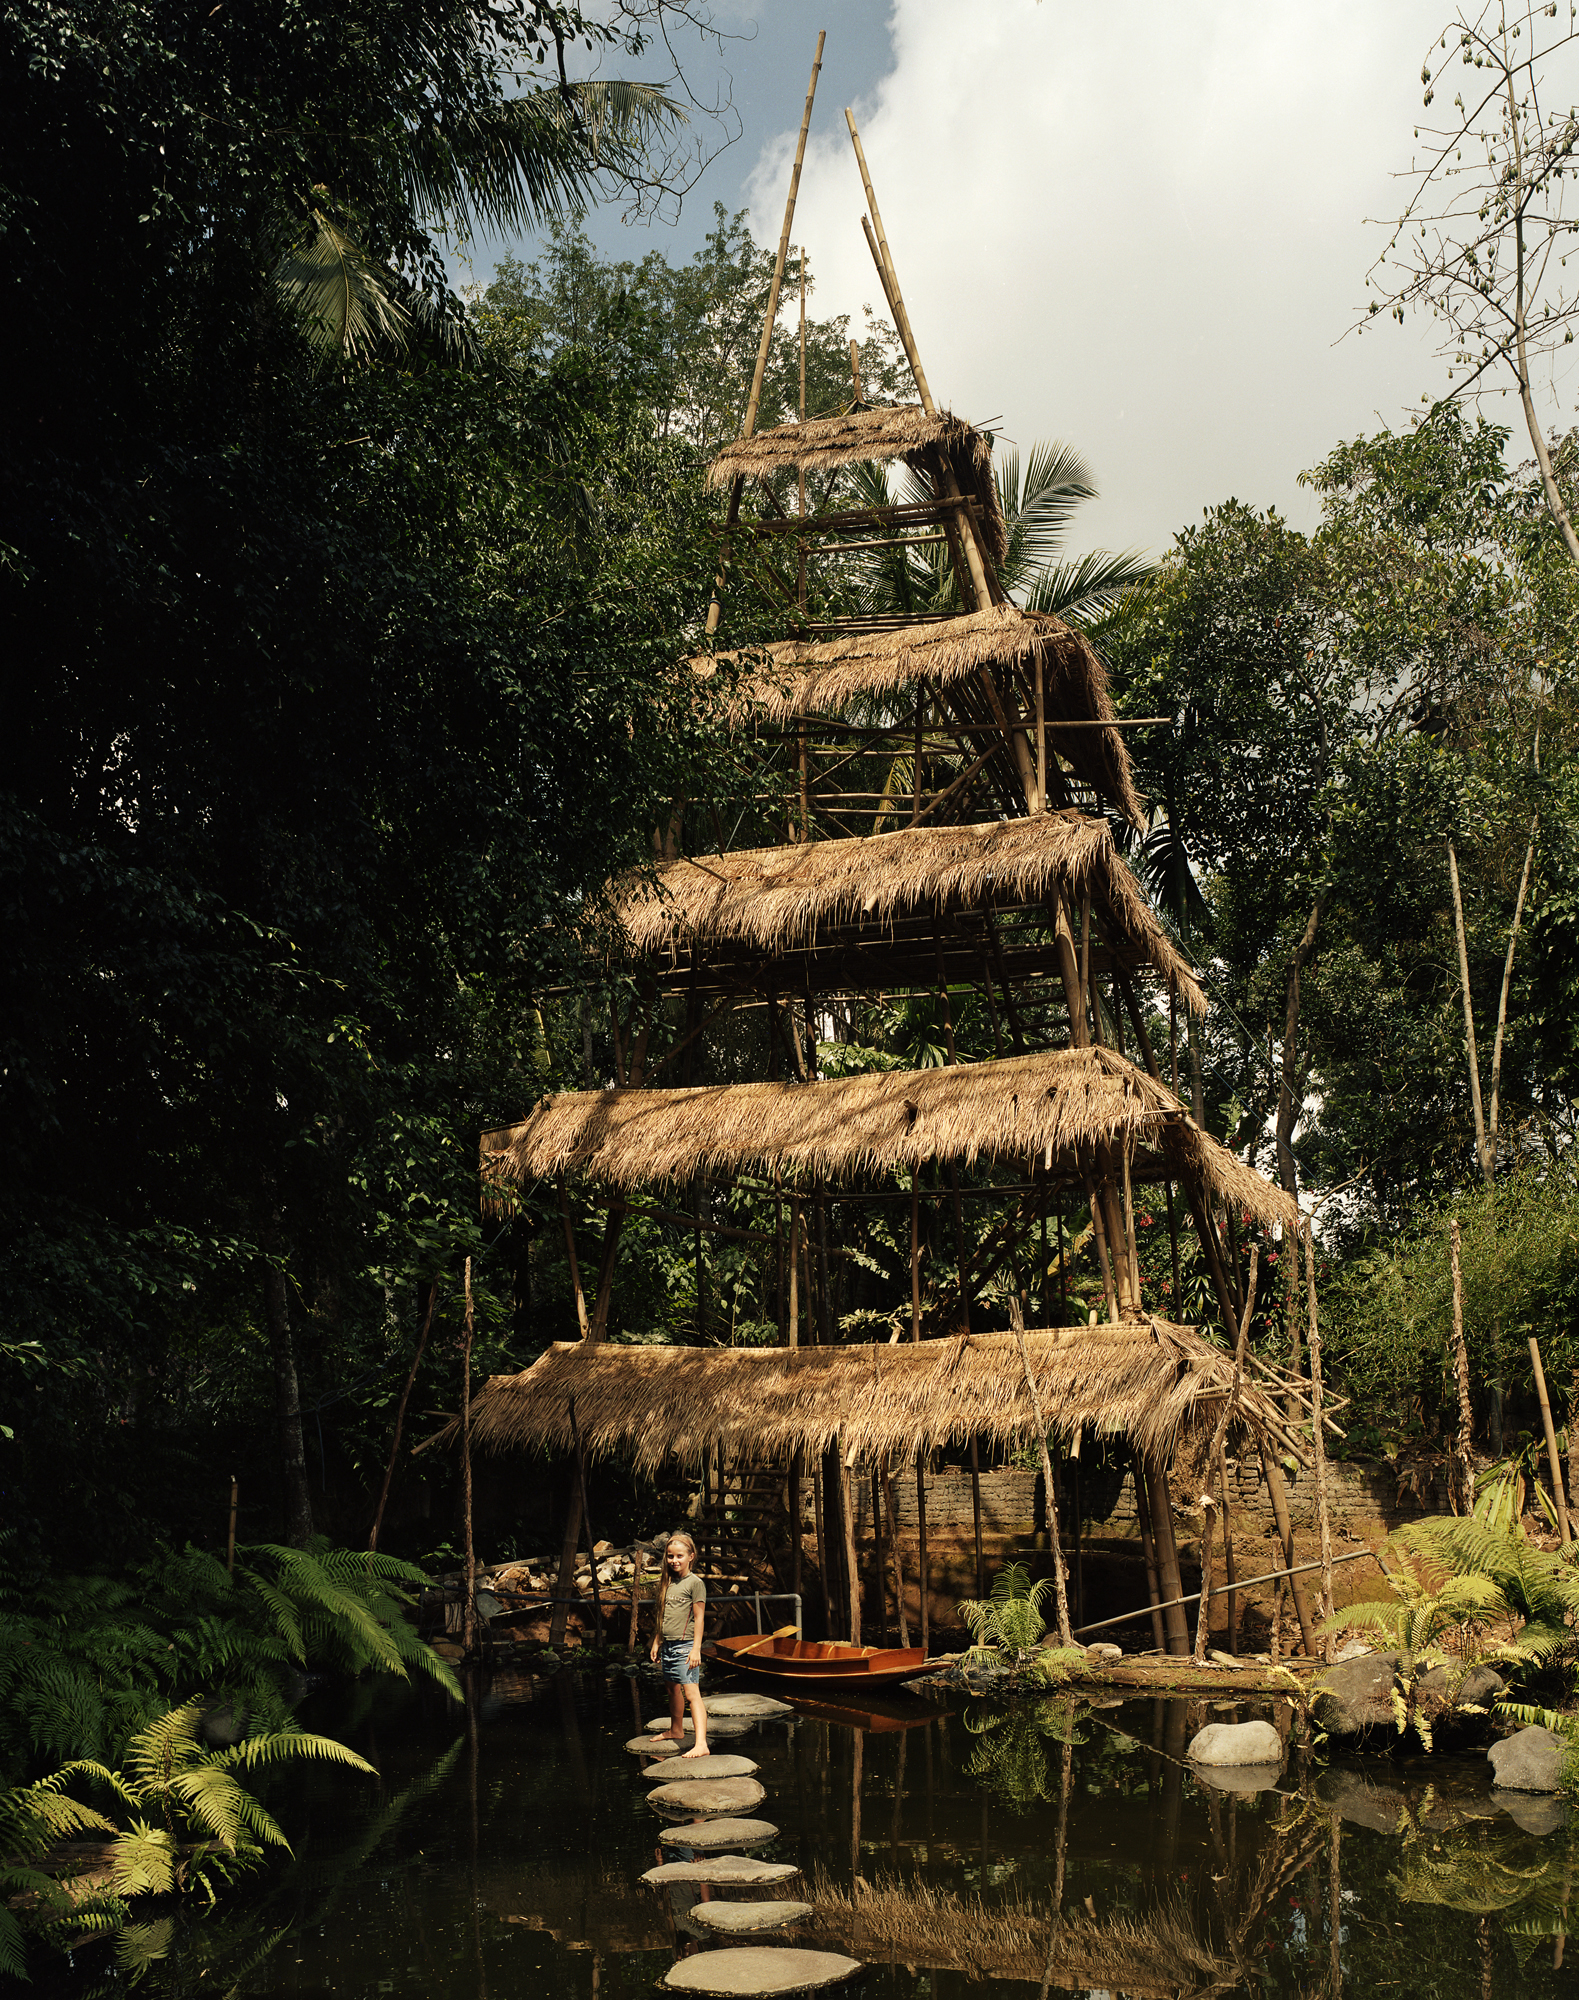 Carina Hardy - Bali